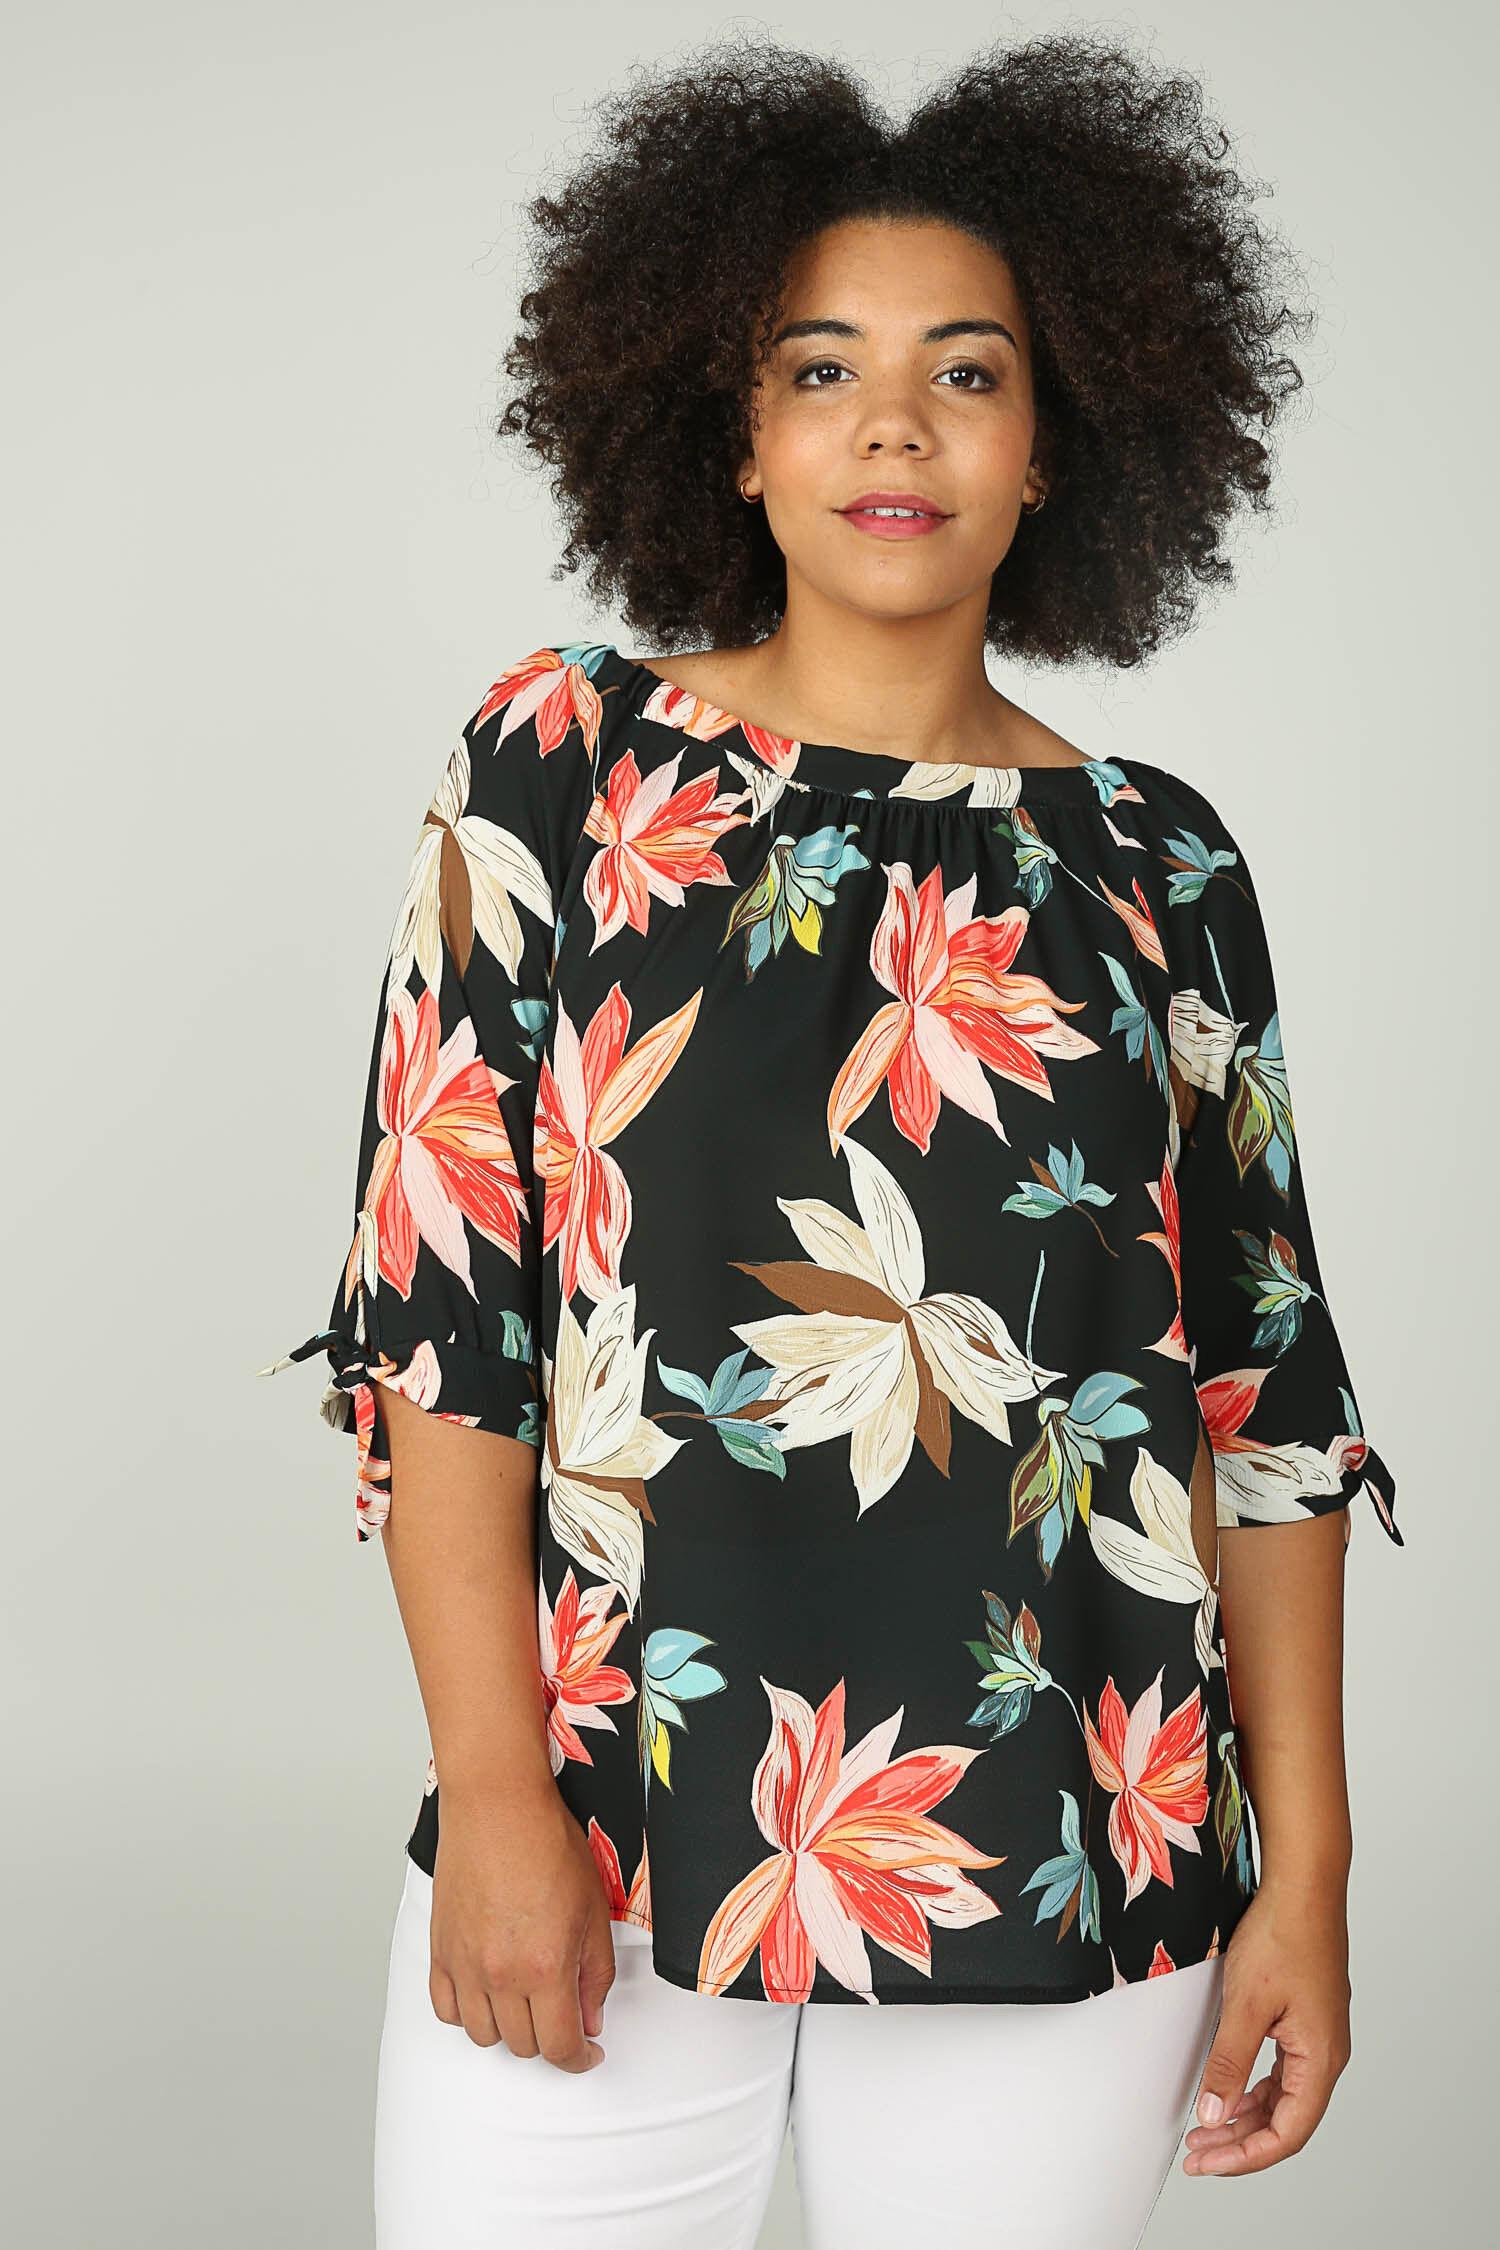 Paprika Druckbluse Bluse mit elastischem Ausschnitt und Blumen-Print